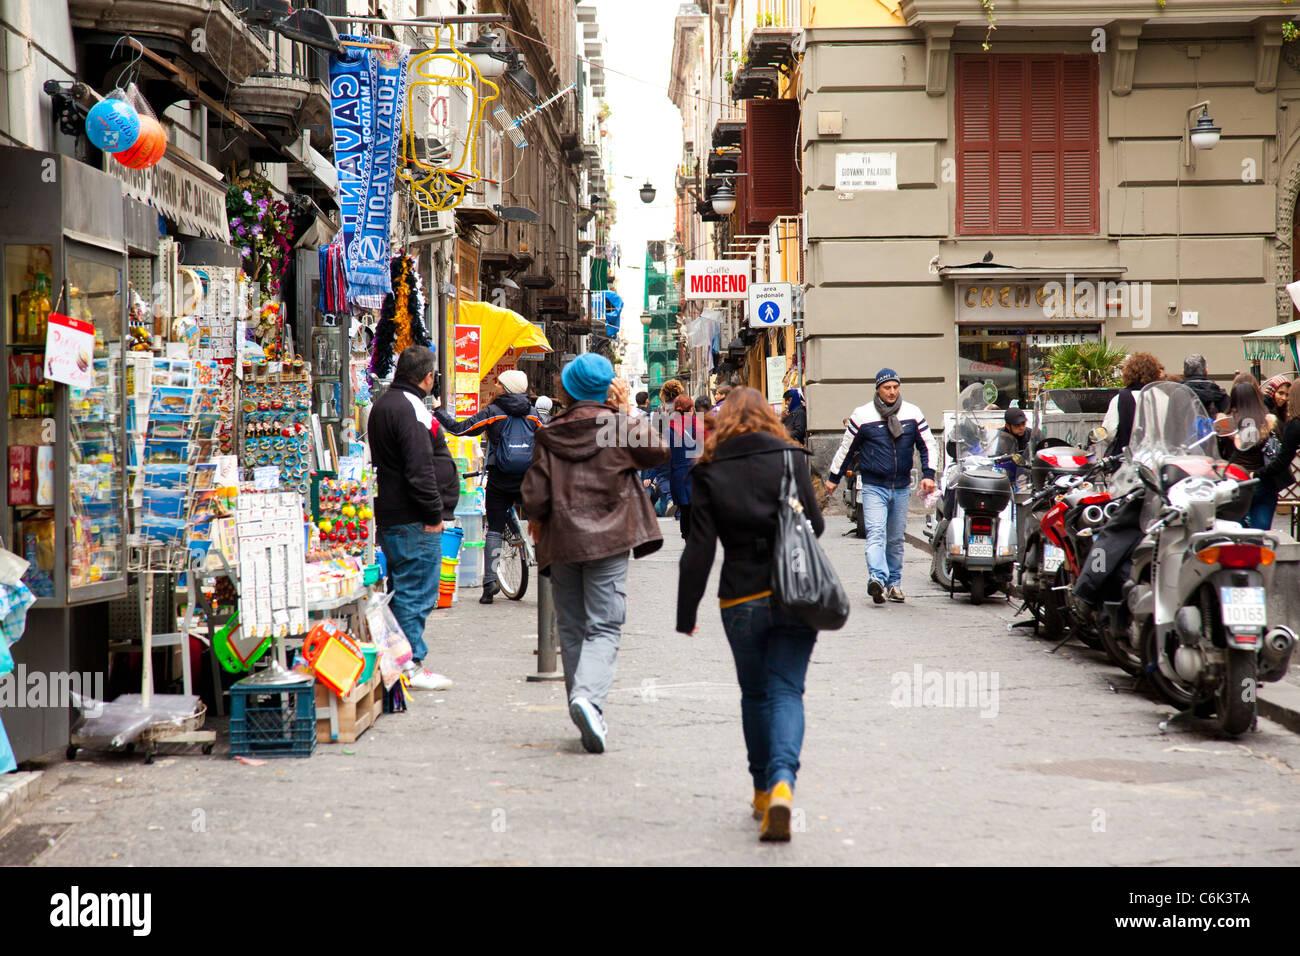 Looking towards via Giovanni Paladino in Naples. - Stock Image